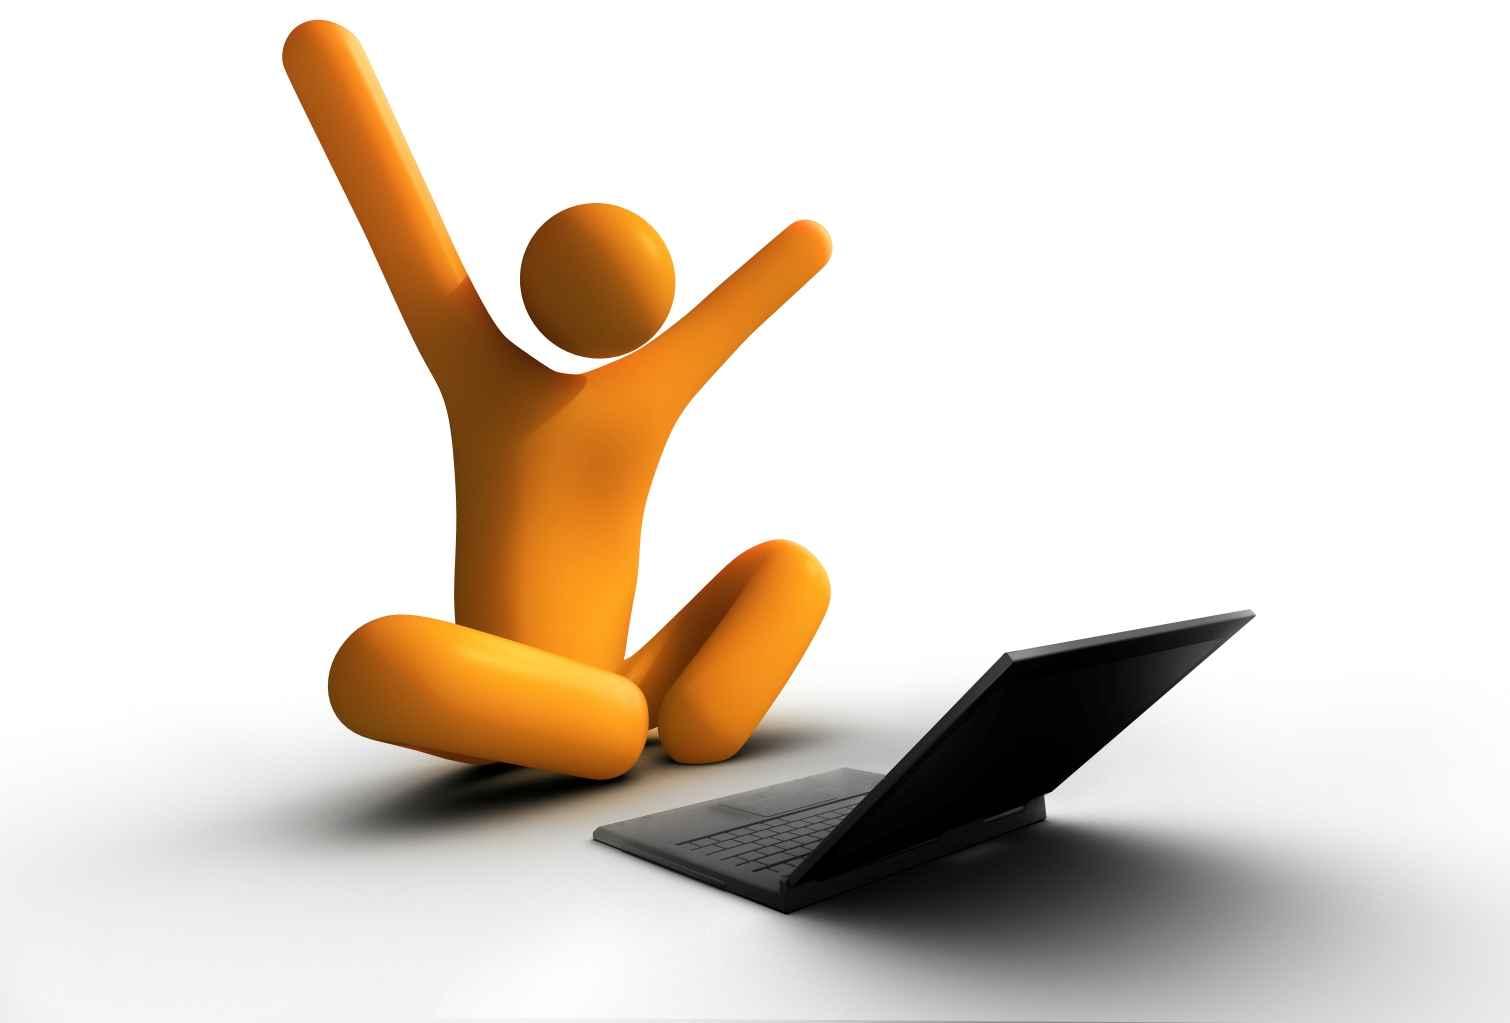 Ideias-de-negócios-online-que-irão-mudar-a-sua-vida-completamente